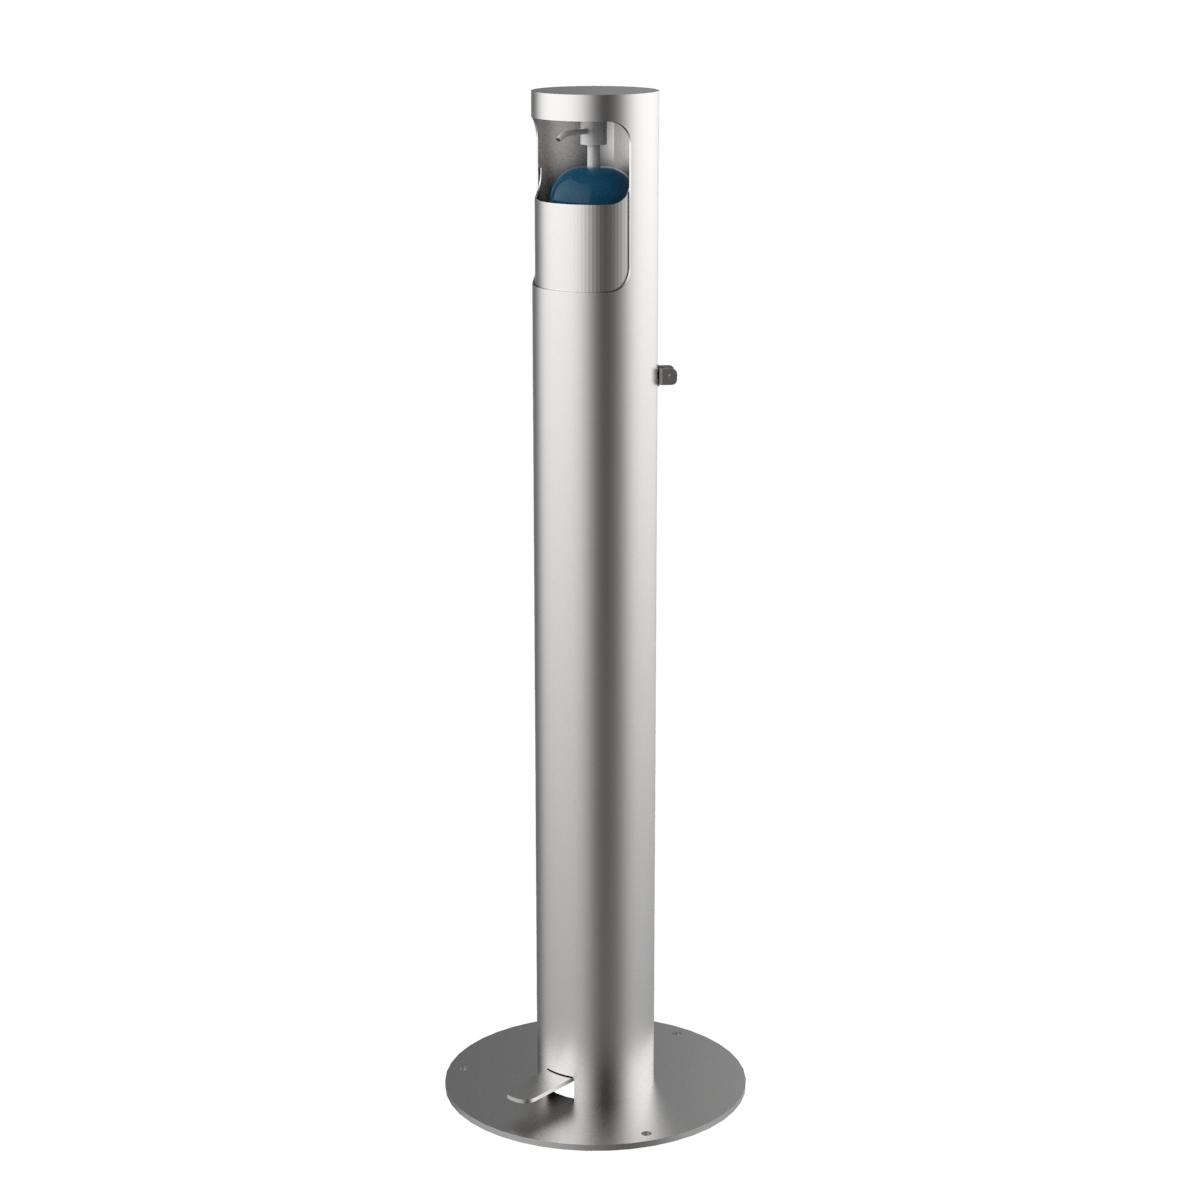 Dispensador de gel hidroalcohólico fabricado en acero inoxidable AISI 304 satinado DISP-3